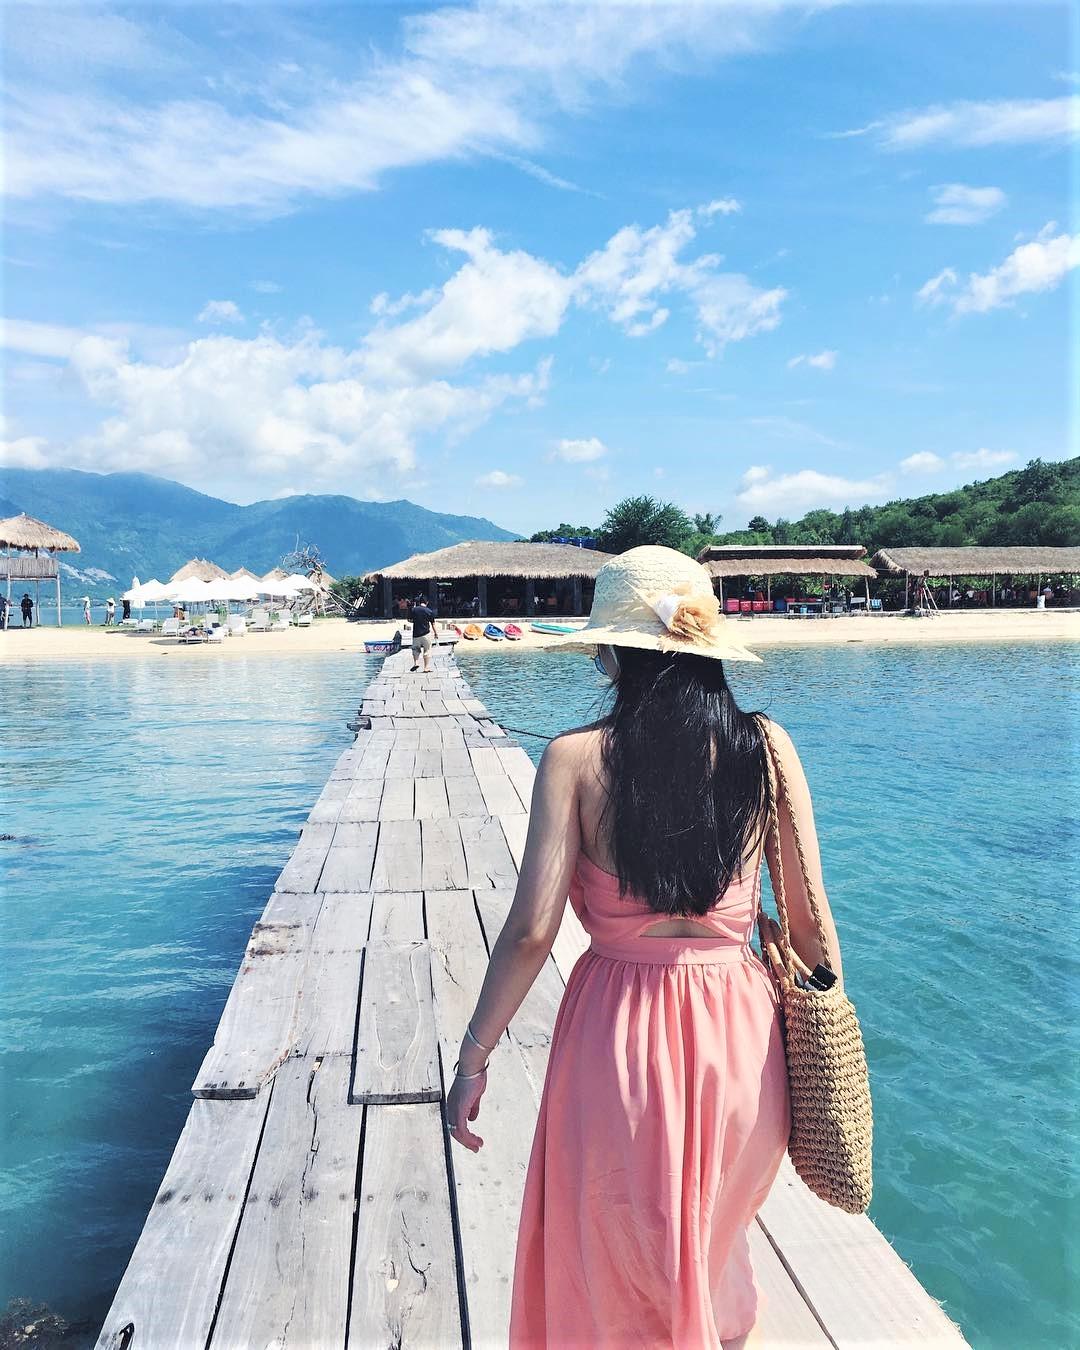 Kinh nghiệm du lịch Nha Trang - Cầu gỗ Điệp Sơn